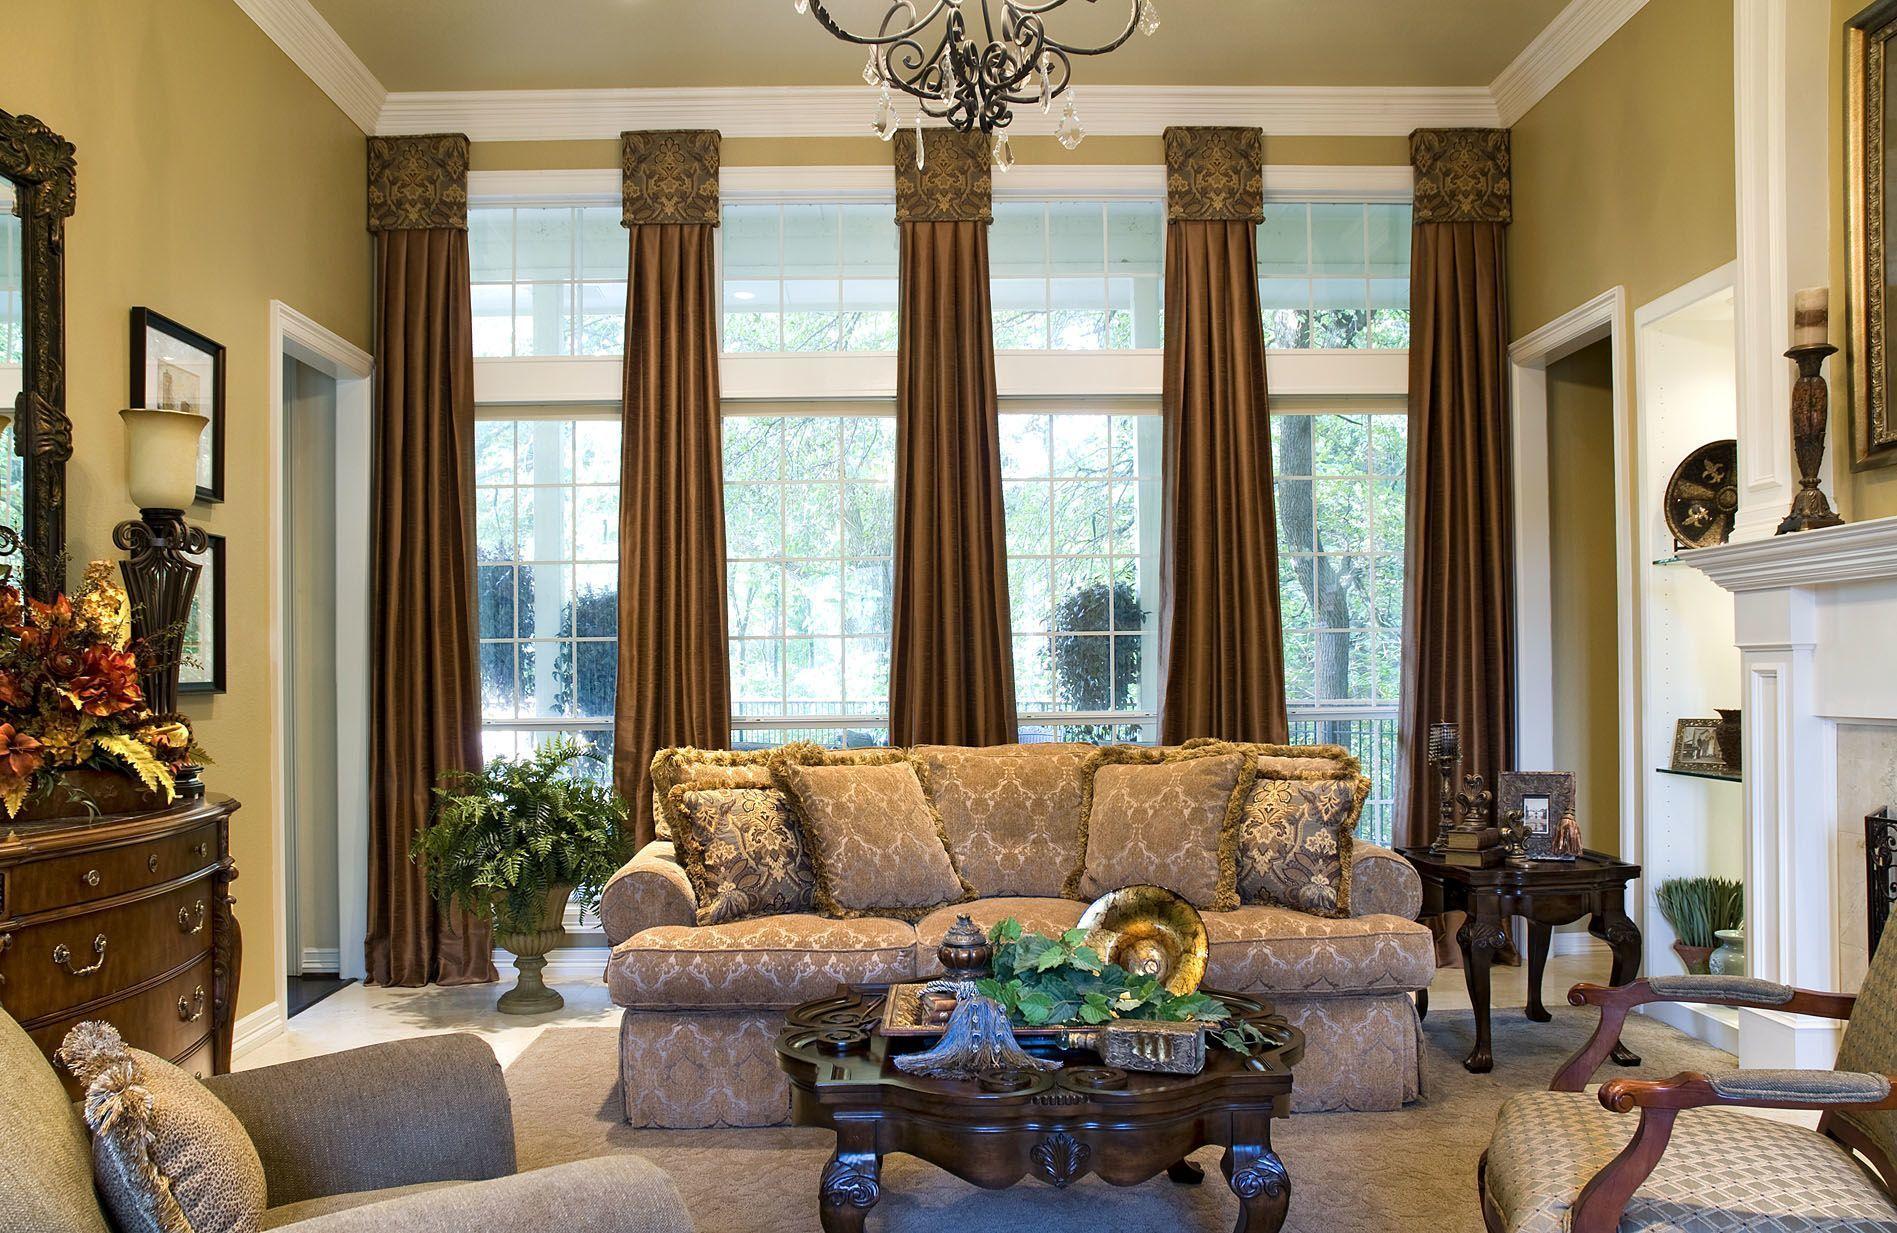 interiør-beige-malet-stue-væg-kombineret-med-brun-gardin-på-hvid-poleret stål-frame-glas-vindue-gardin-ideer-til-store-vinduer